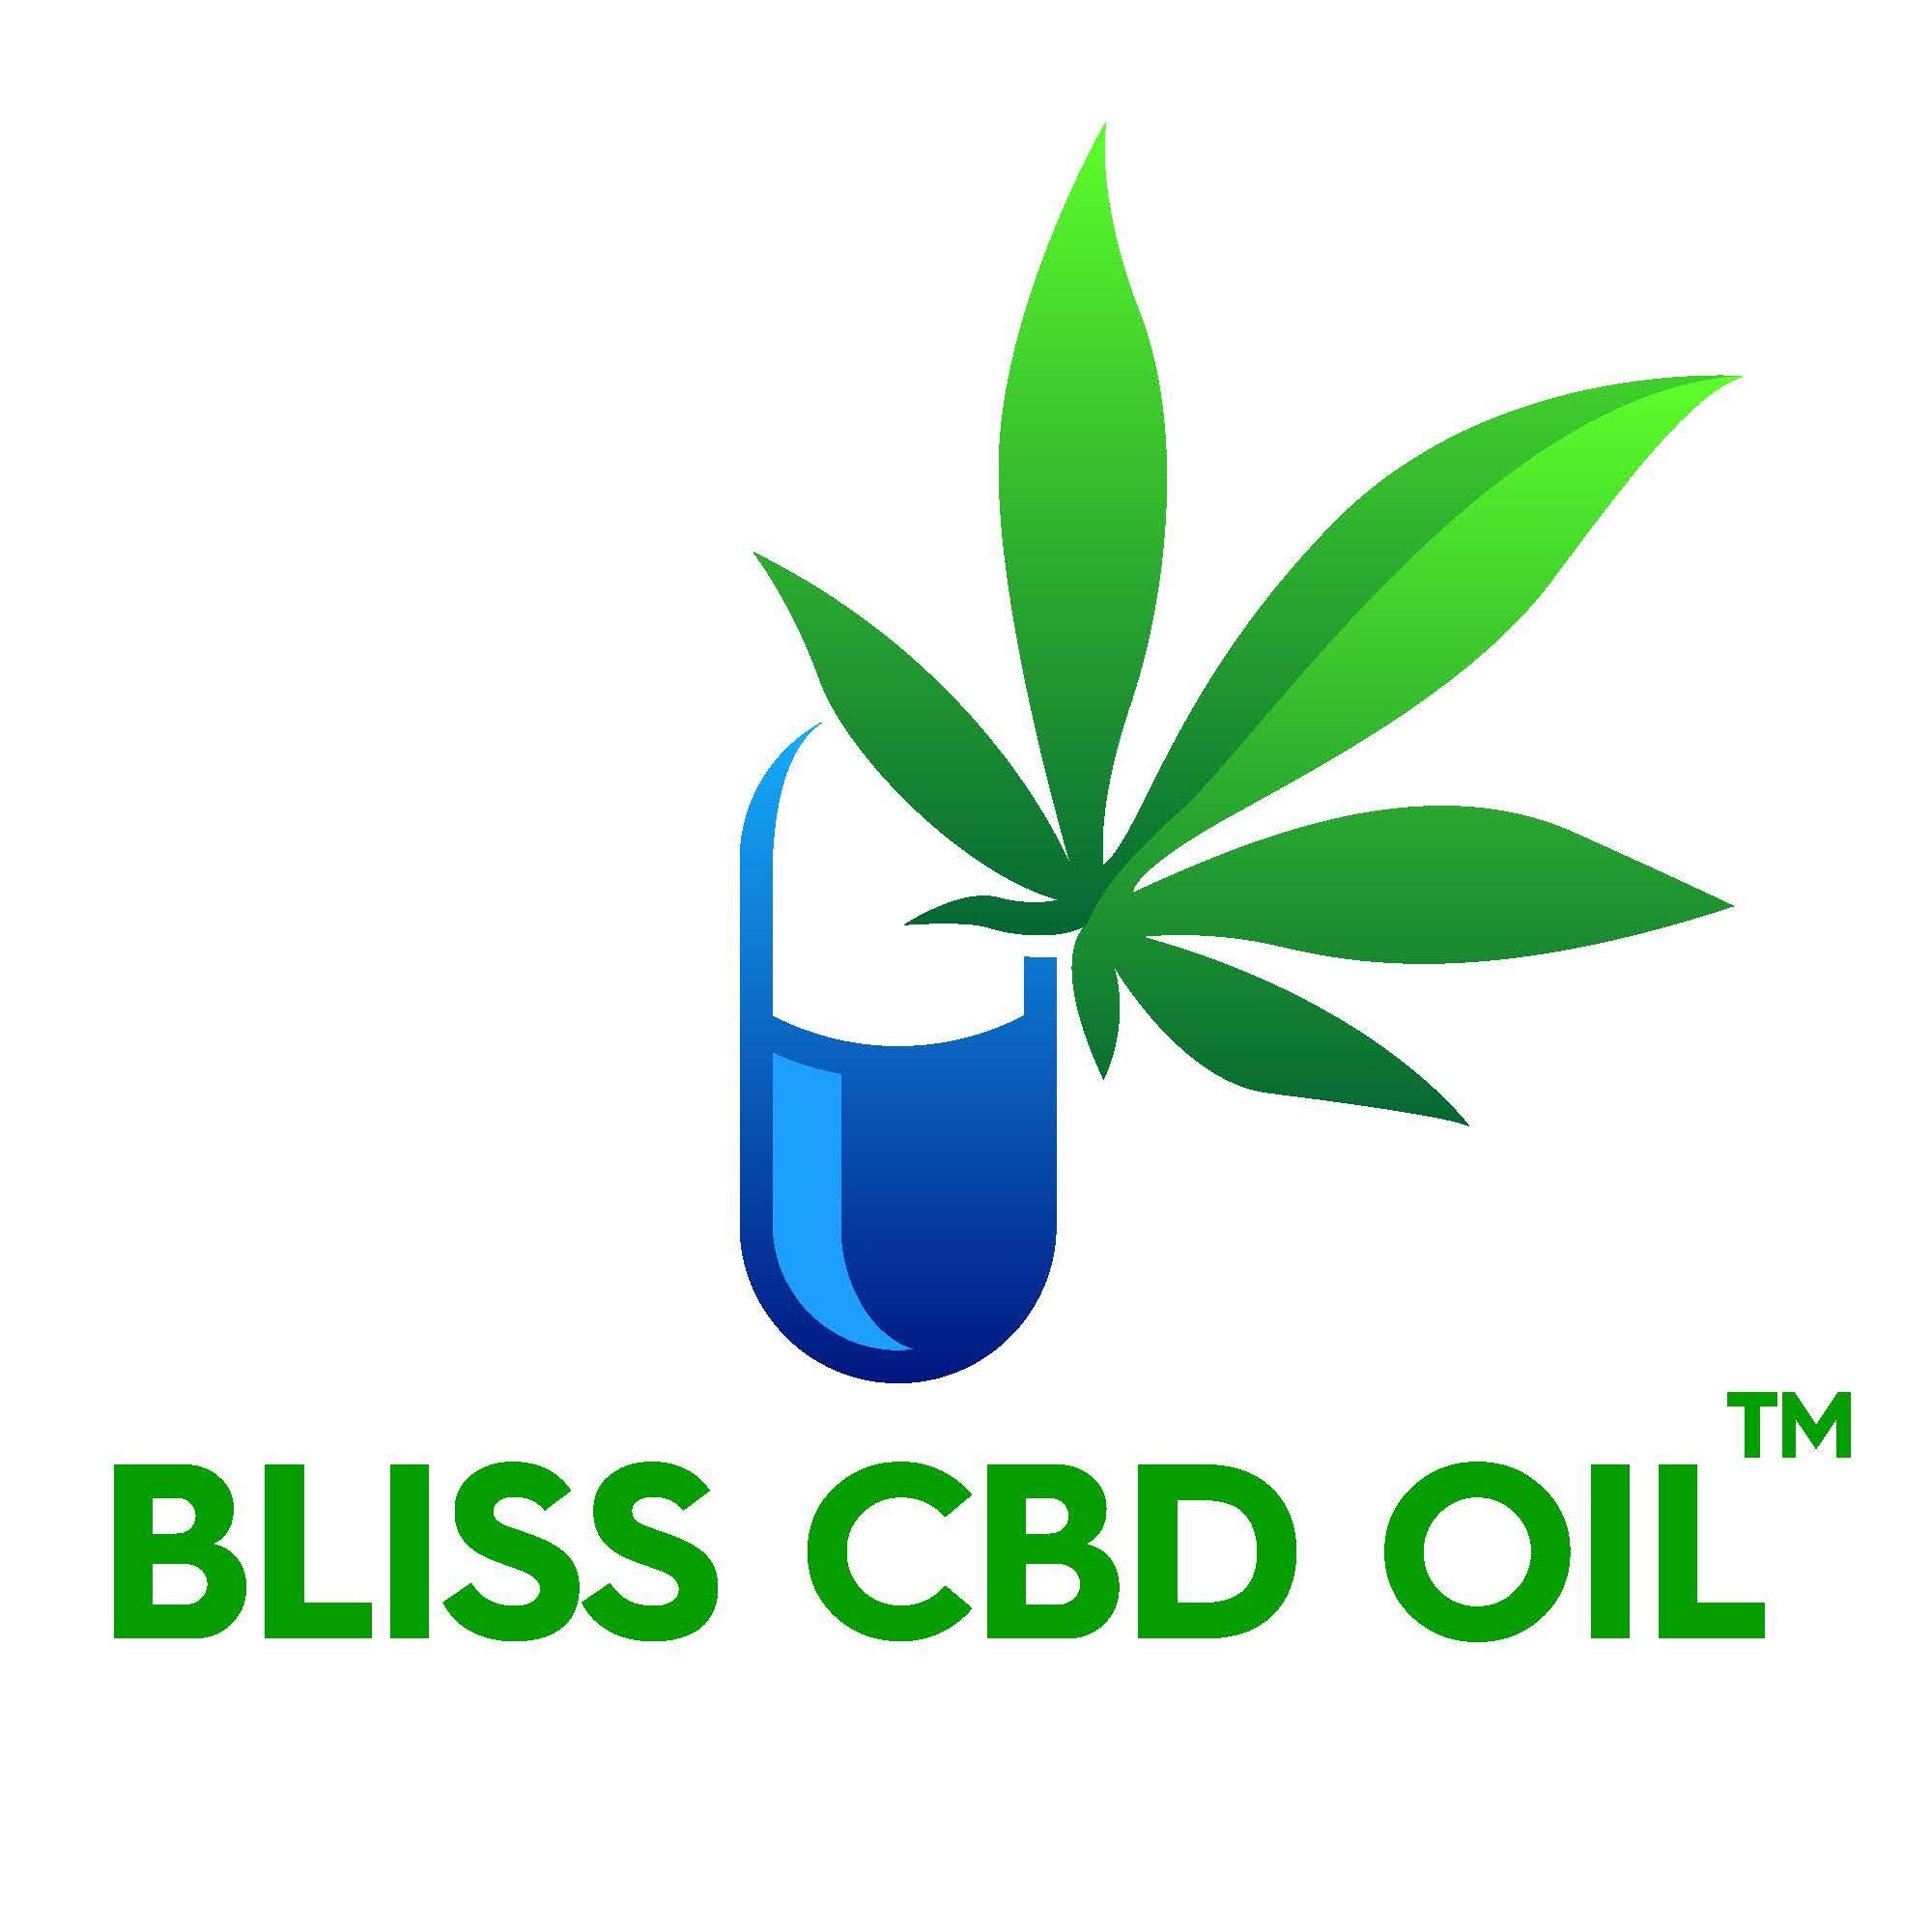 Blisscbdoil.com